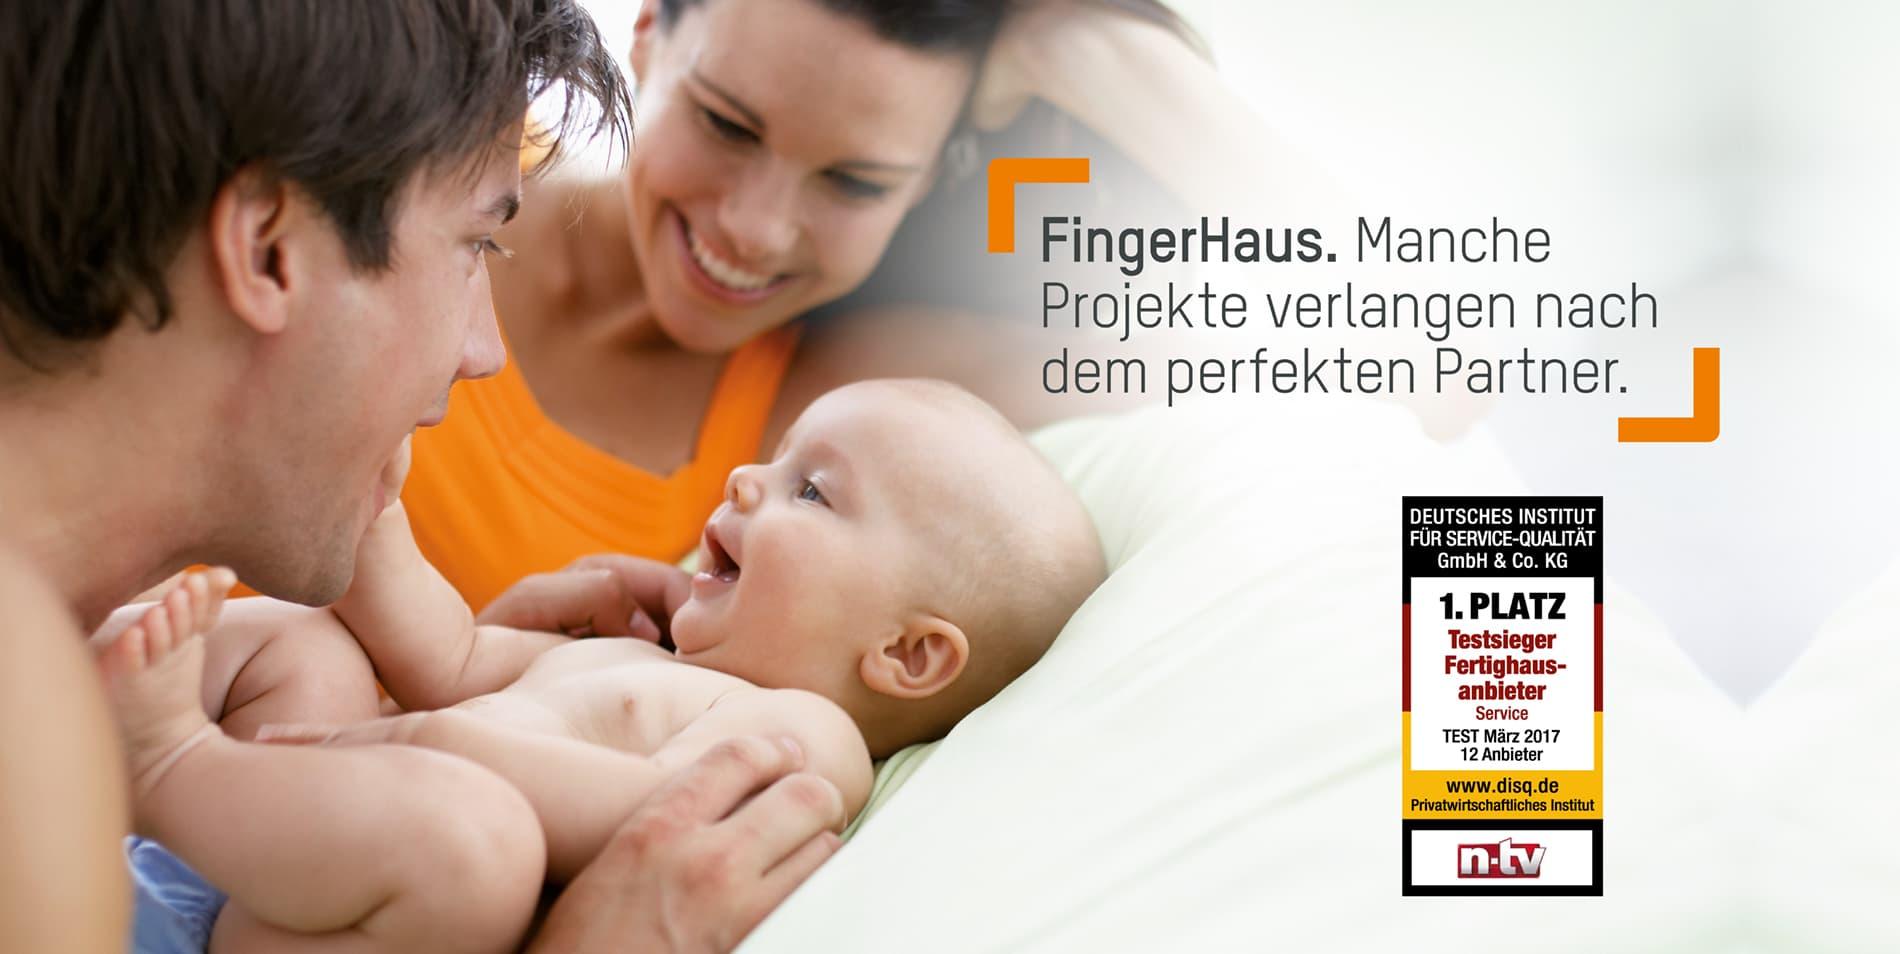 Fertighaus von FingerHaus - Testsieger bei Service-Qualität